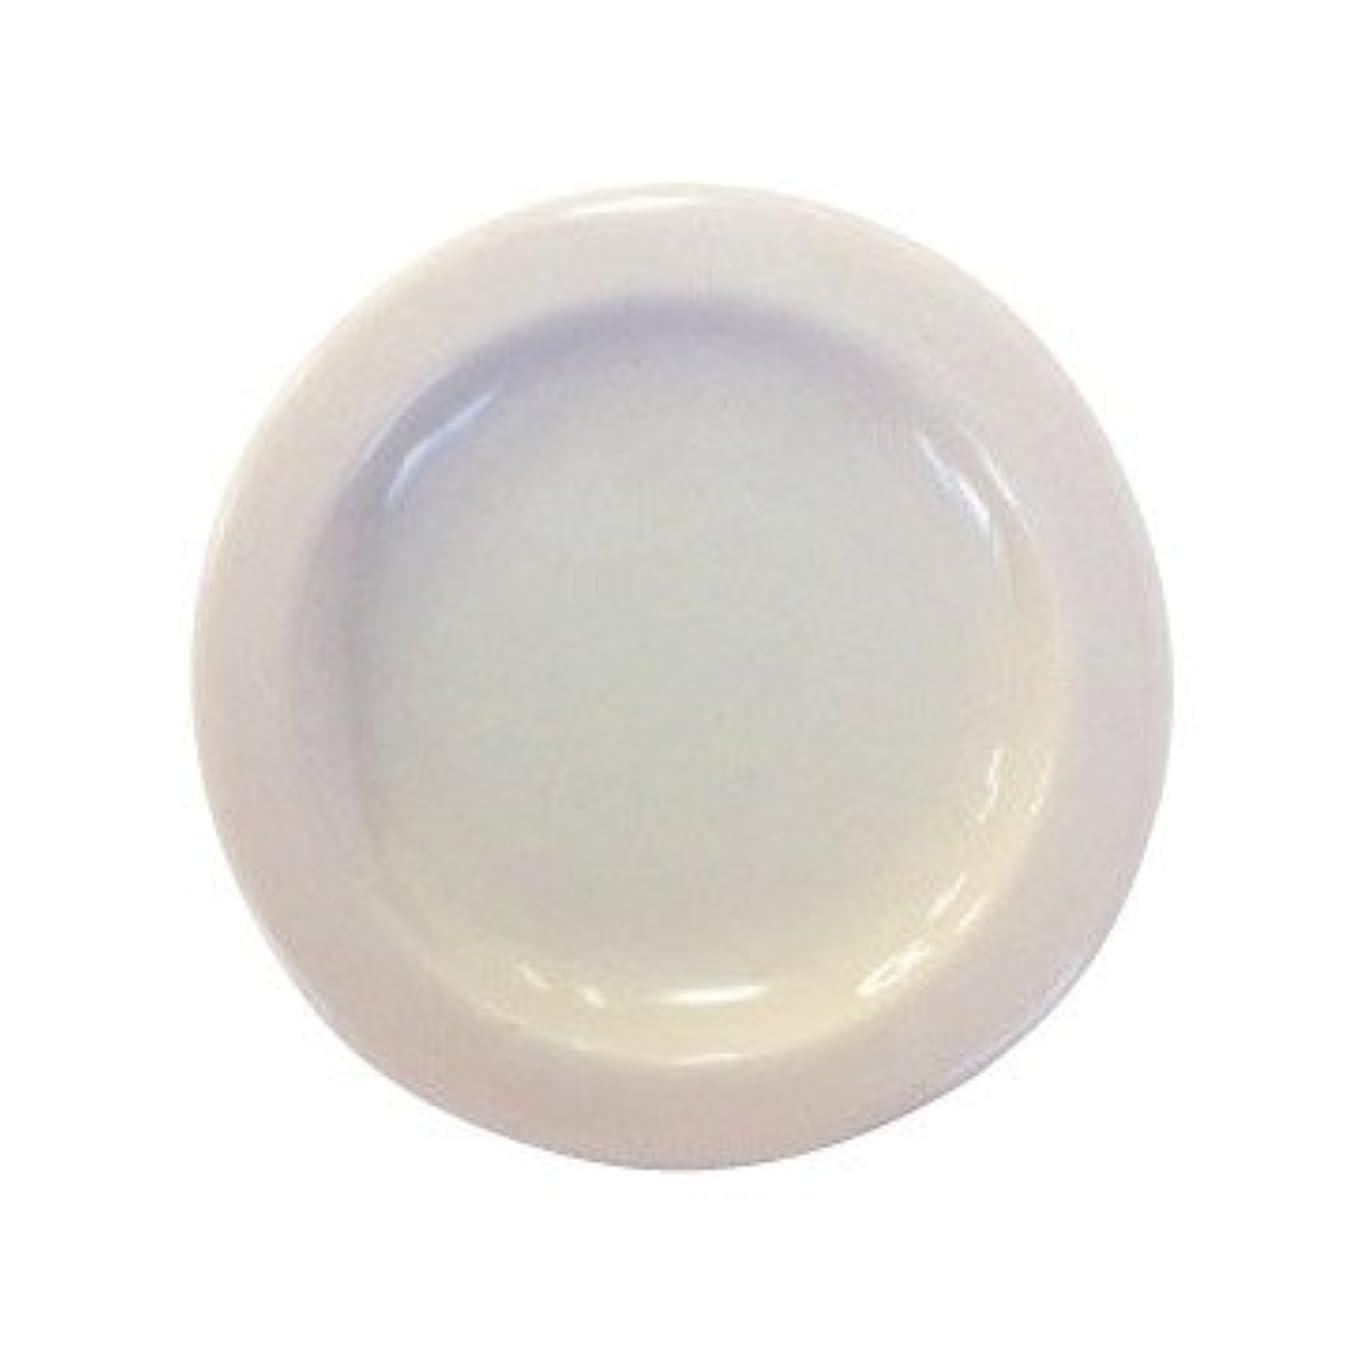 ダルセットクリケットステートメントアロマランプMローズ用 天面精油皿